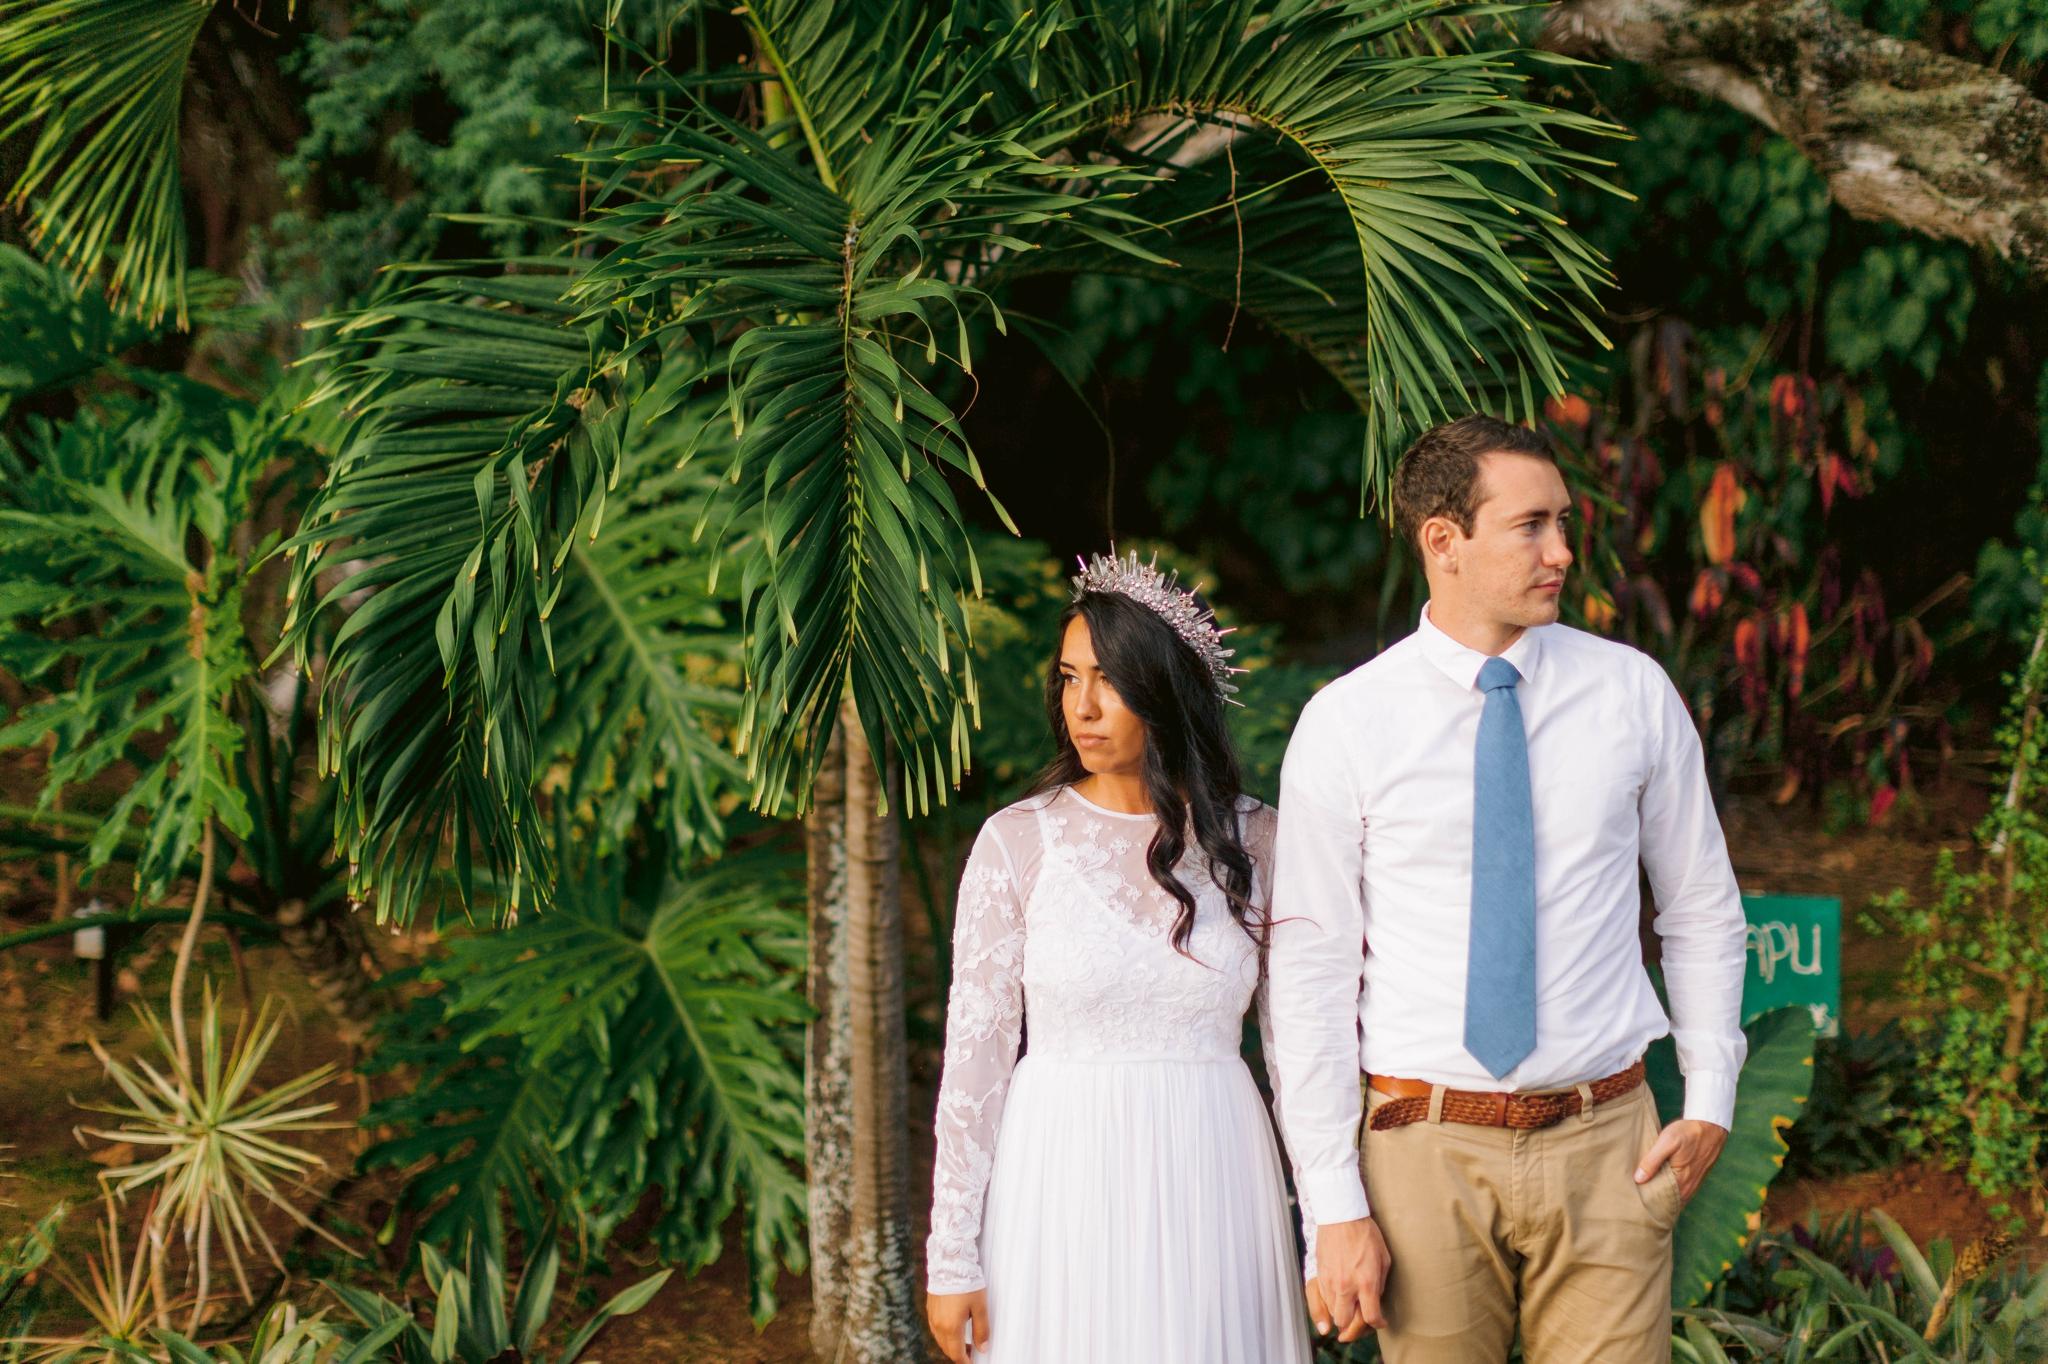 Bride and groom underneath palm trees Ana + Elijah - Wedding at Loulu Palm in Haleiwa, HI - Oahu Hawaii Wedding Photographer - #hawaiiweddingphotographer #oahuweddings #hawaiiweddings